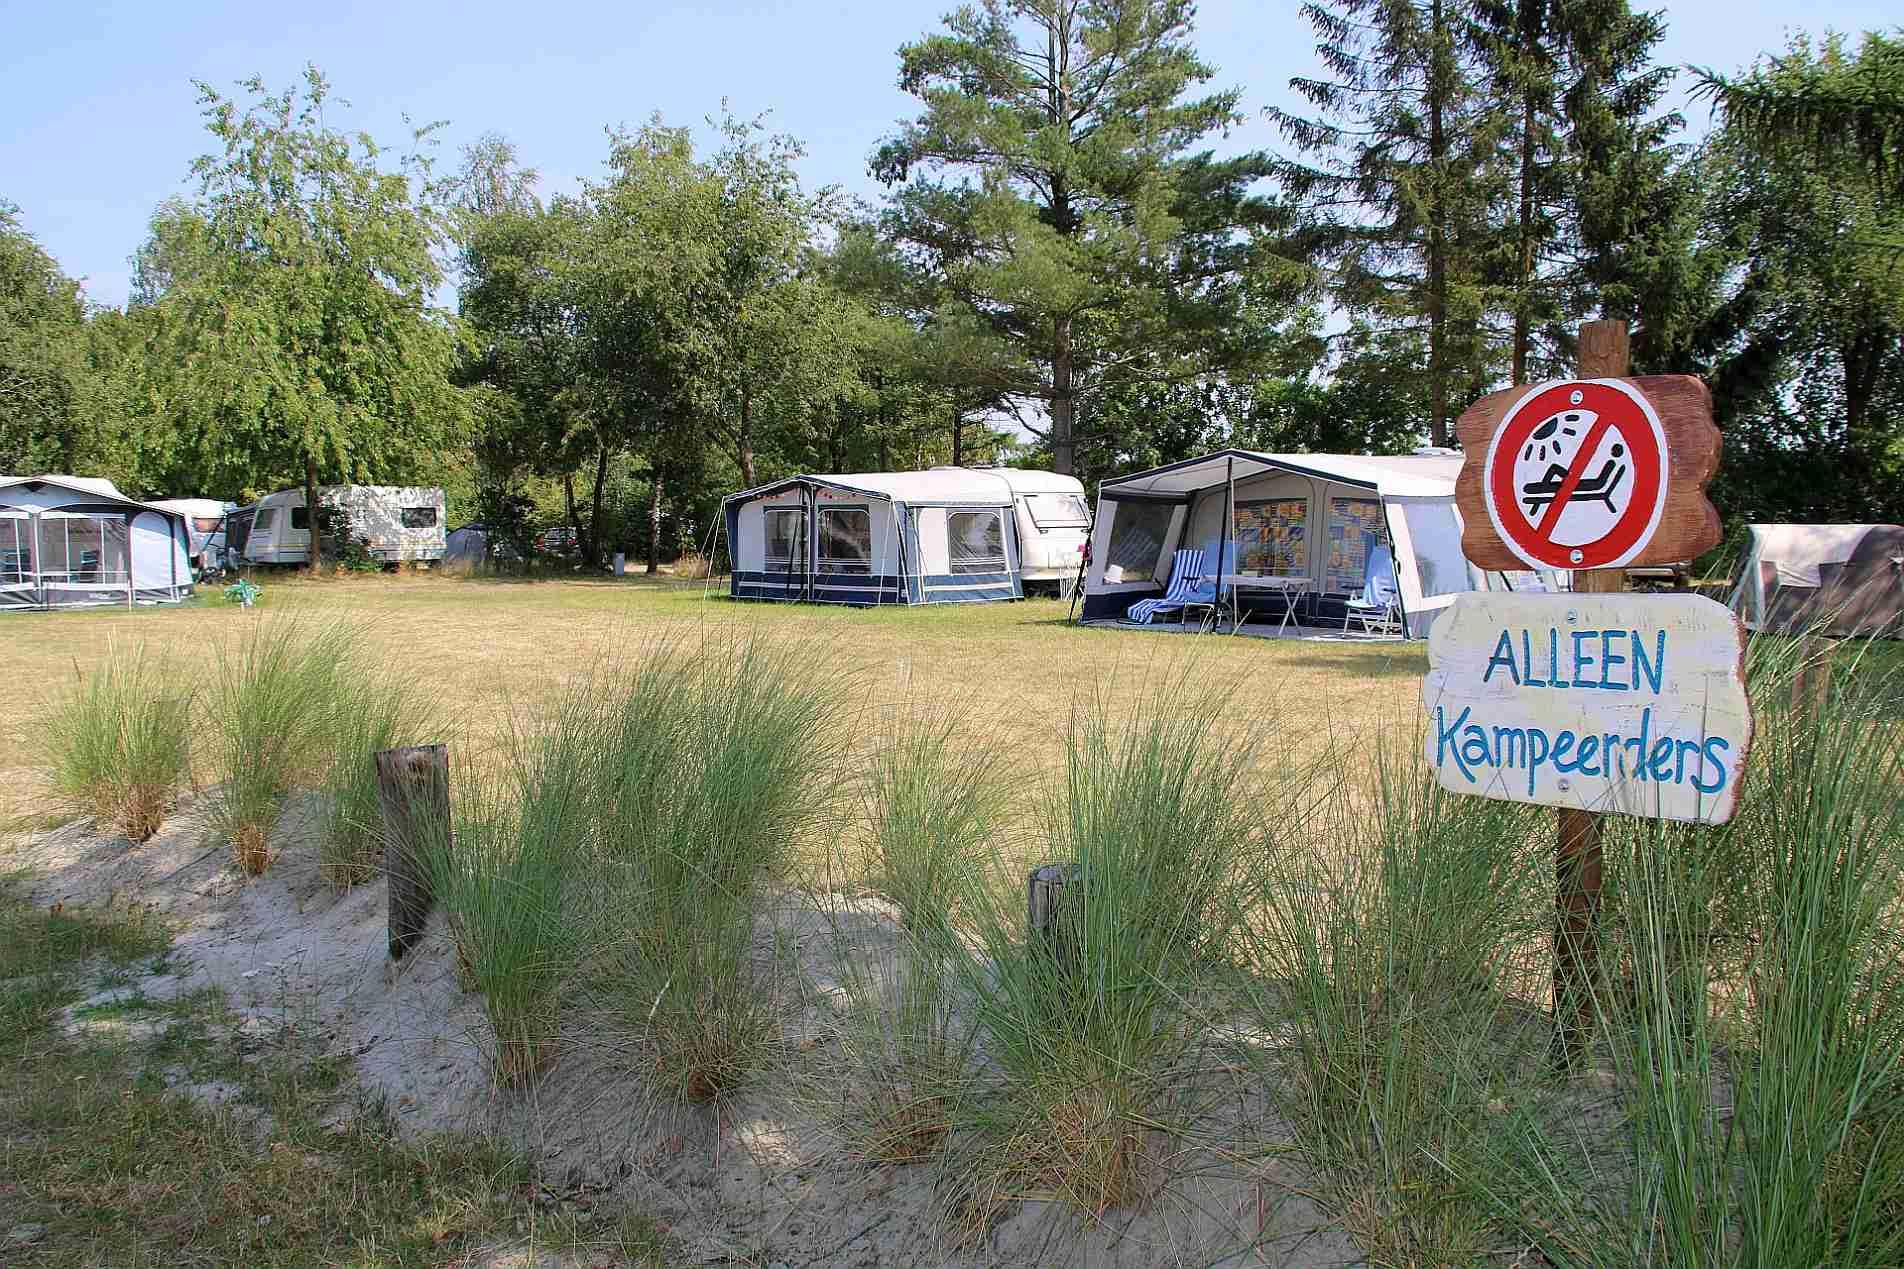 Hemelvaart en Pinksteren kamperen op een 5 sterren camping - Kamperen Hemelvaart